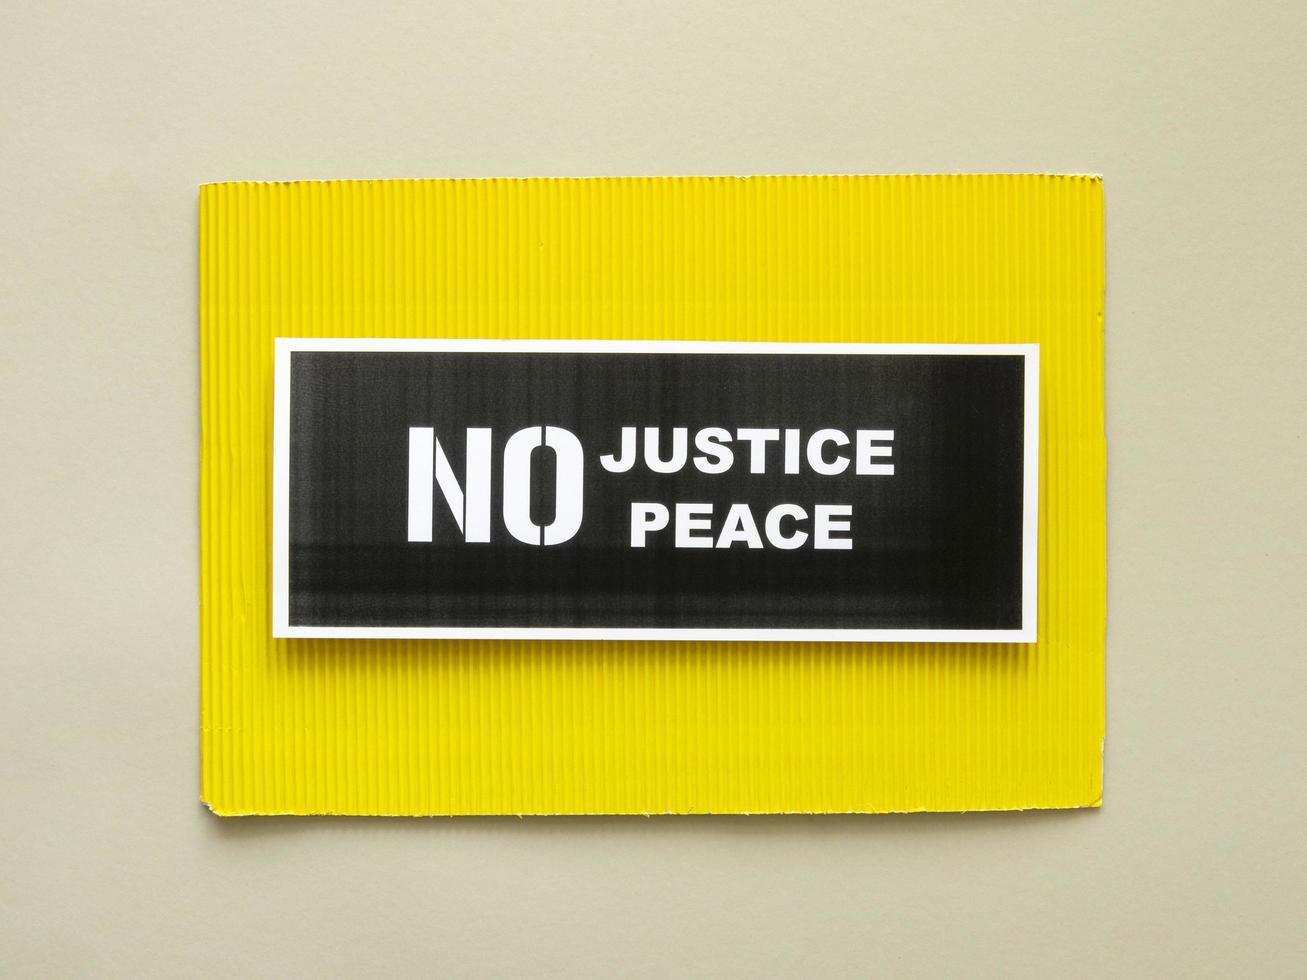 keine Gerechtigkeit kein Friedensprotestzeichen foto